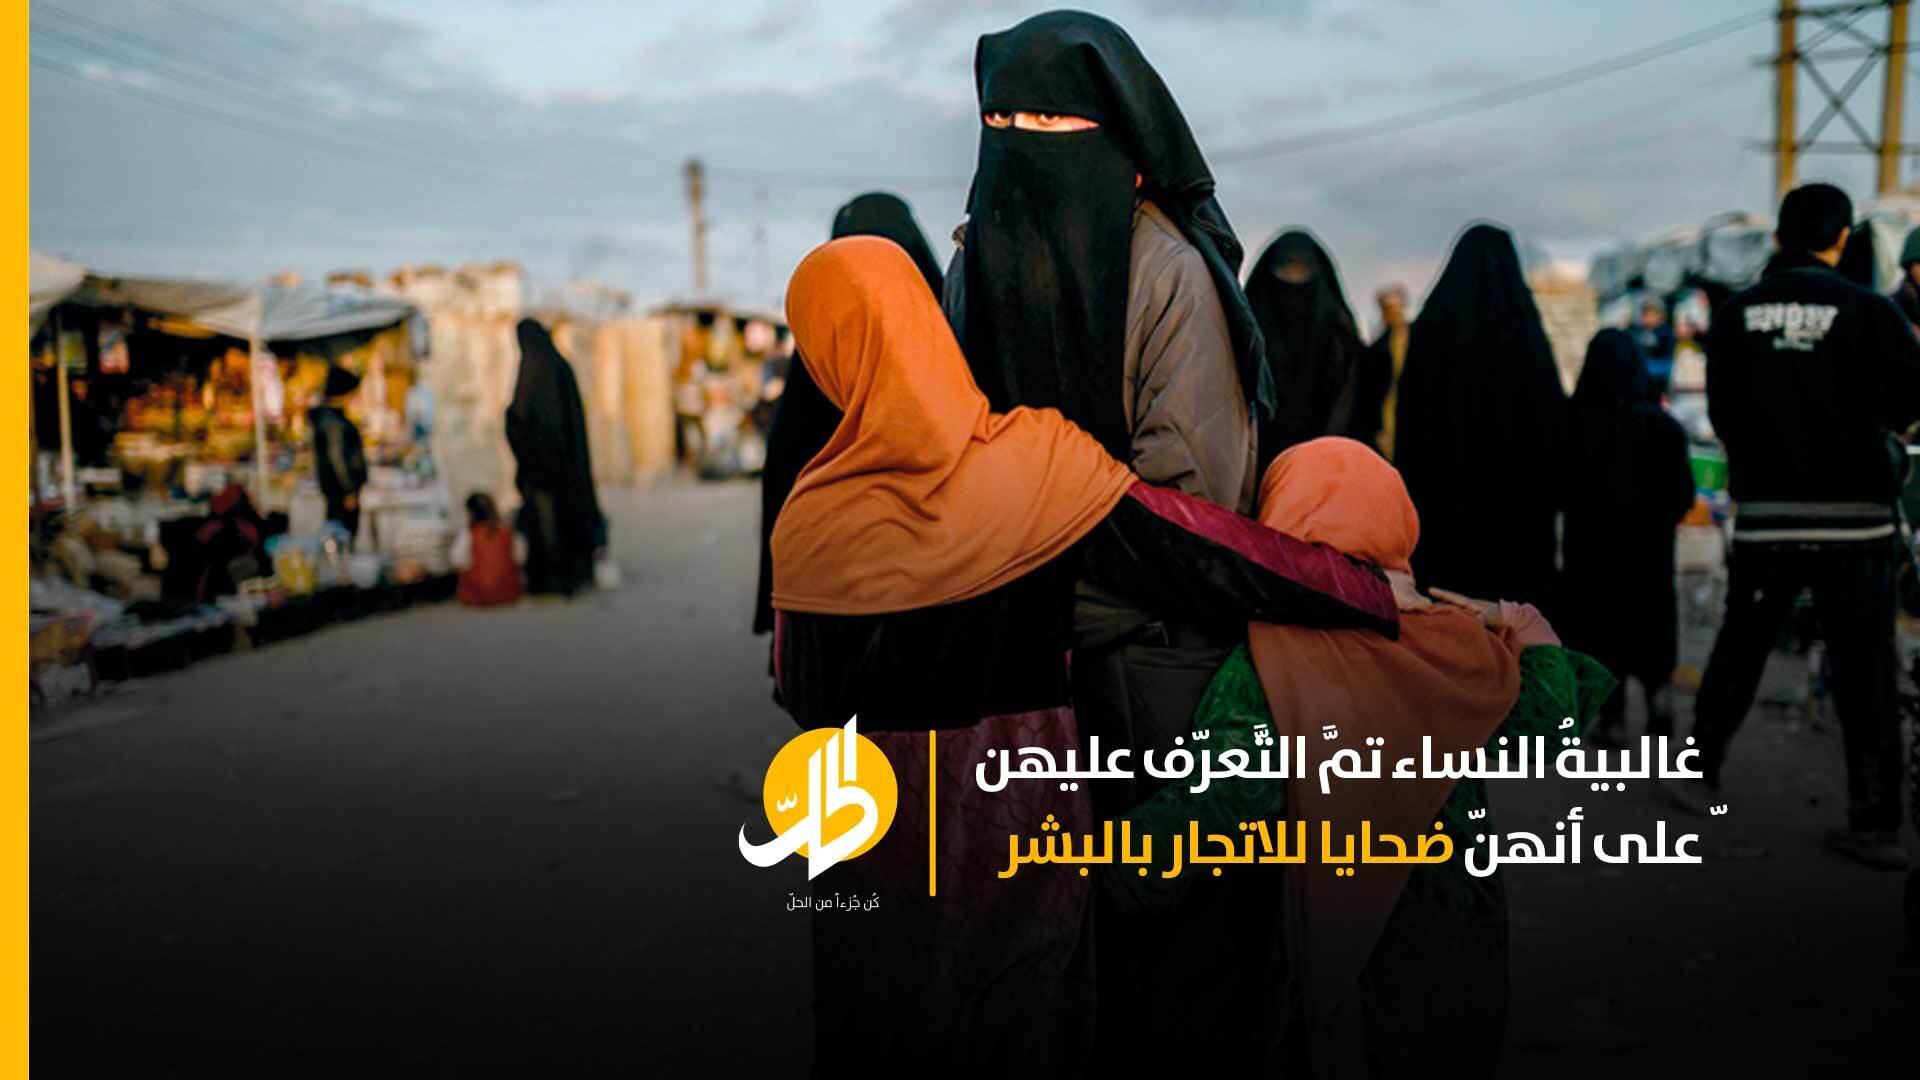 برلمانيون بريطانيون يضغطون على حكومة بلادهم لإعادة نساء وأطفال «داعش» من مخيماتٍ سوريّة